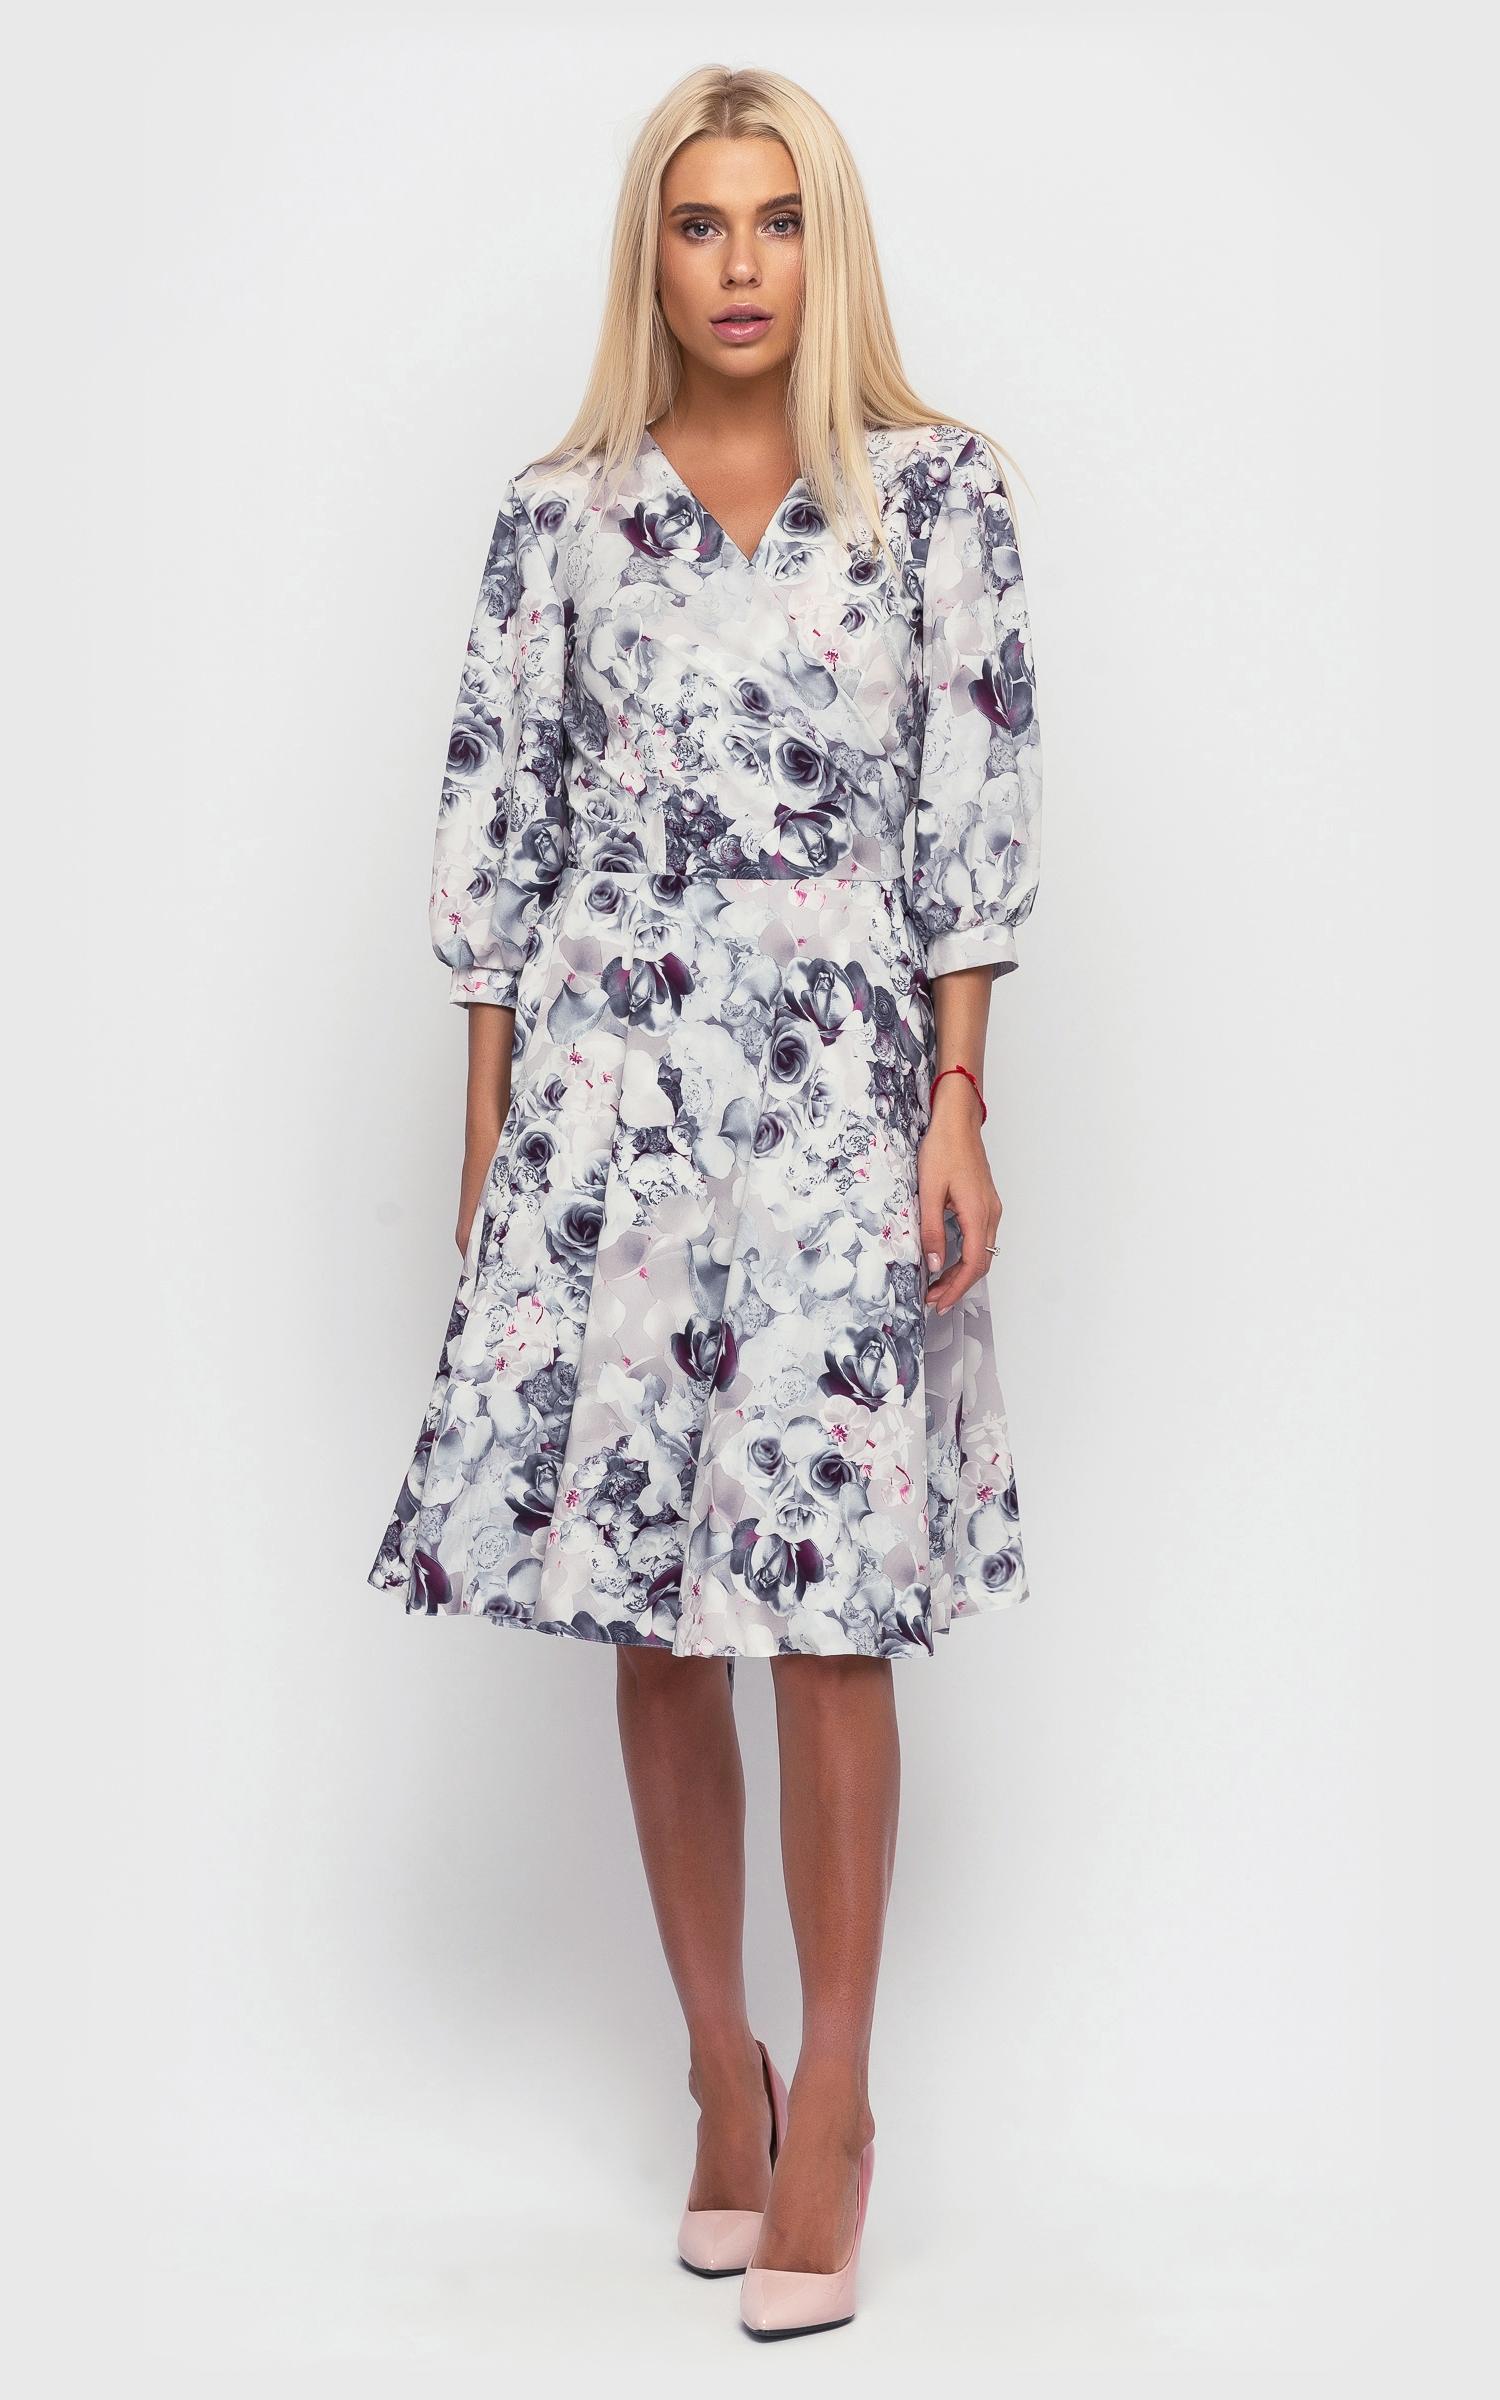 романтическое платье, платье с цветочным принтом, повседневное платье